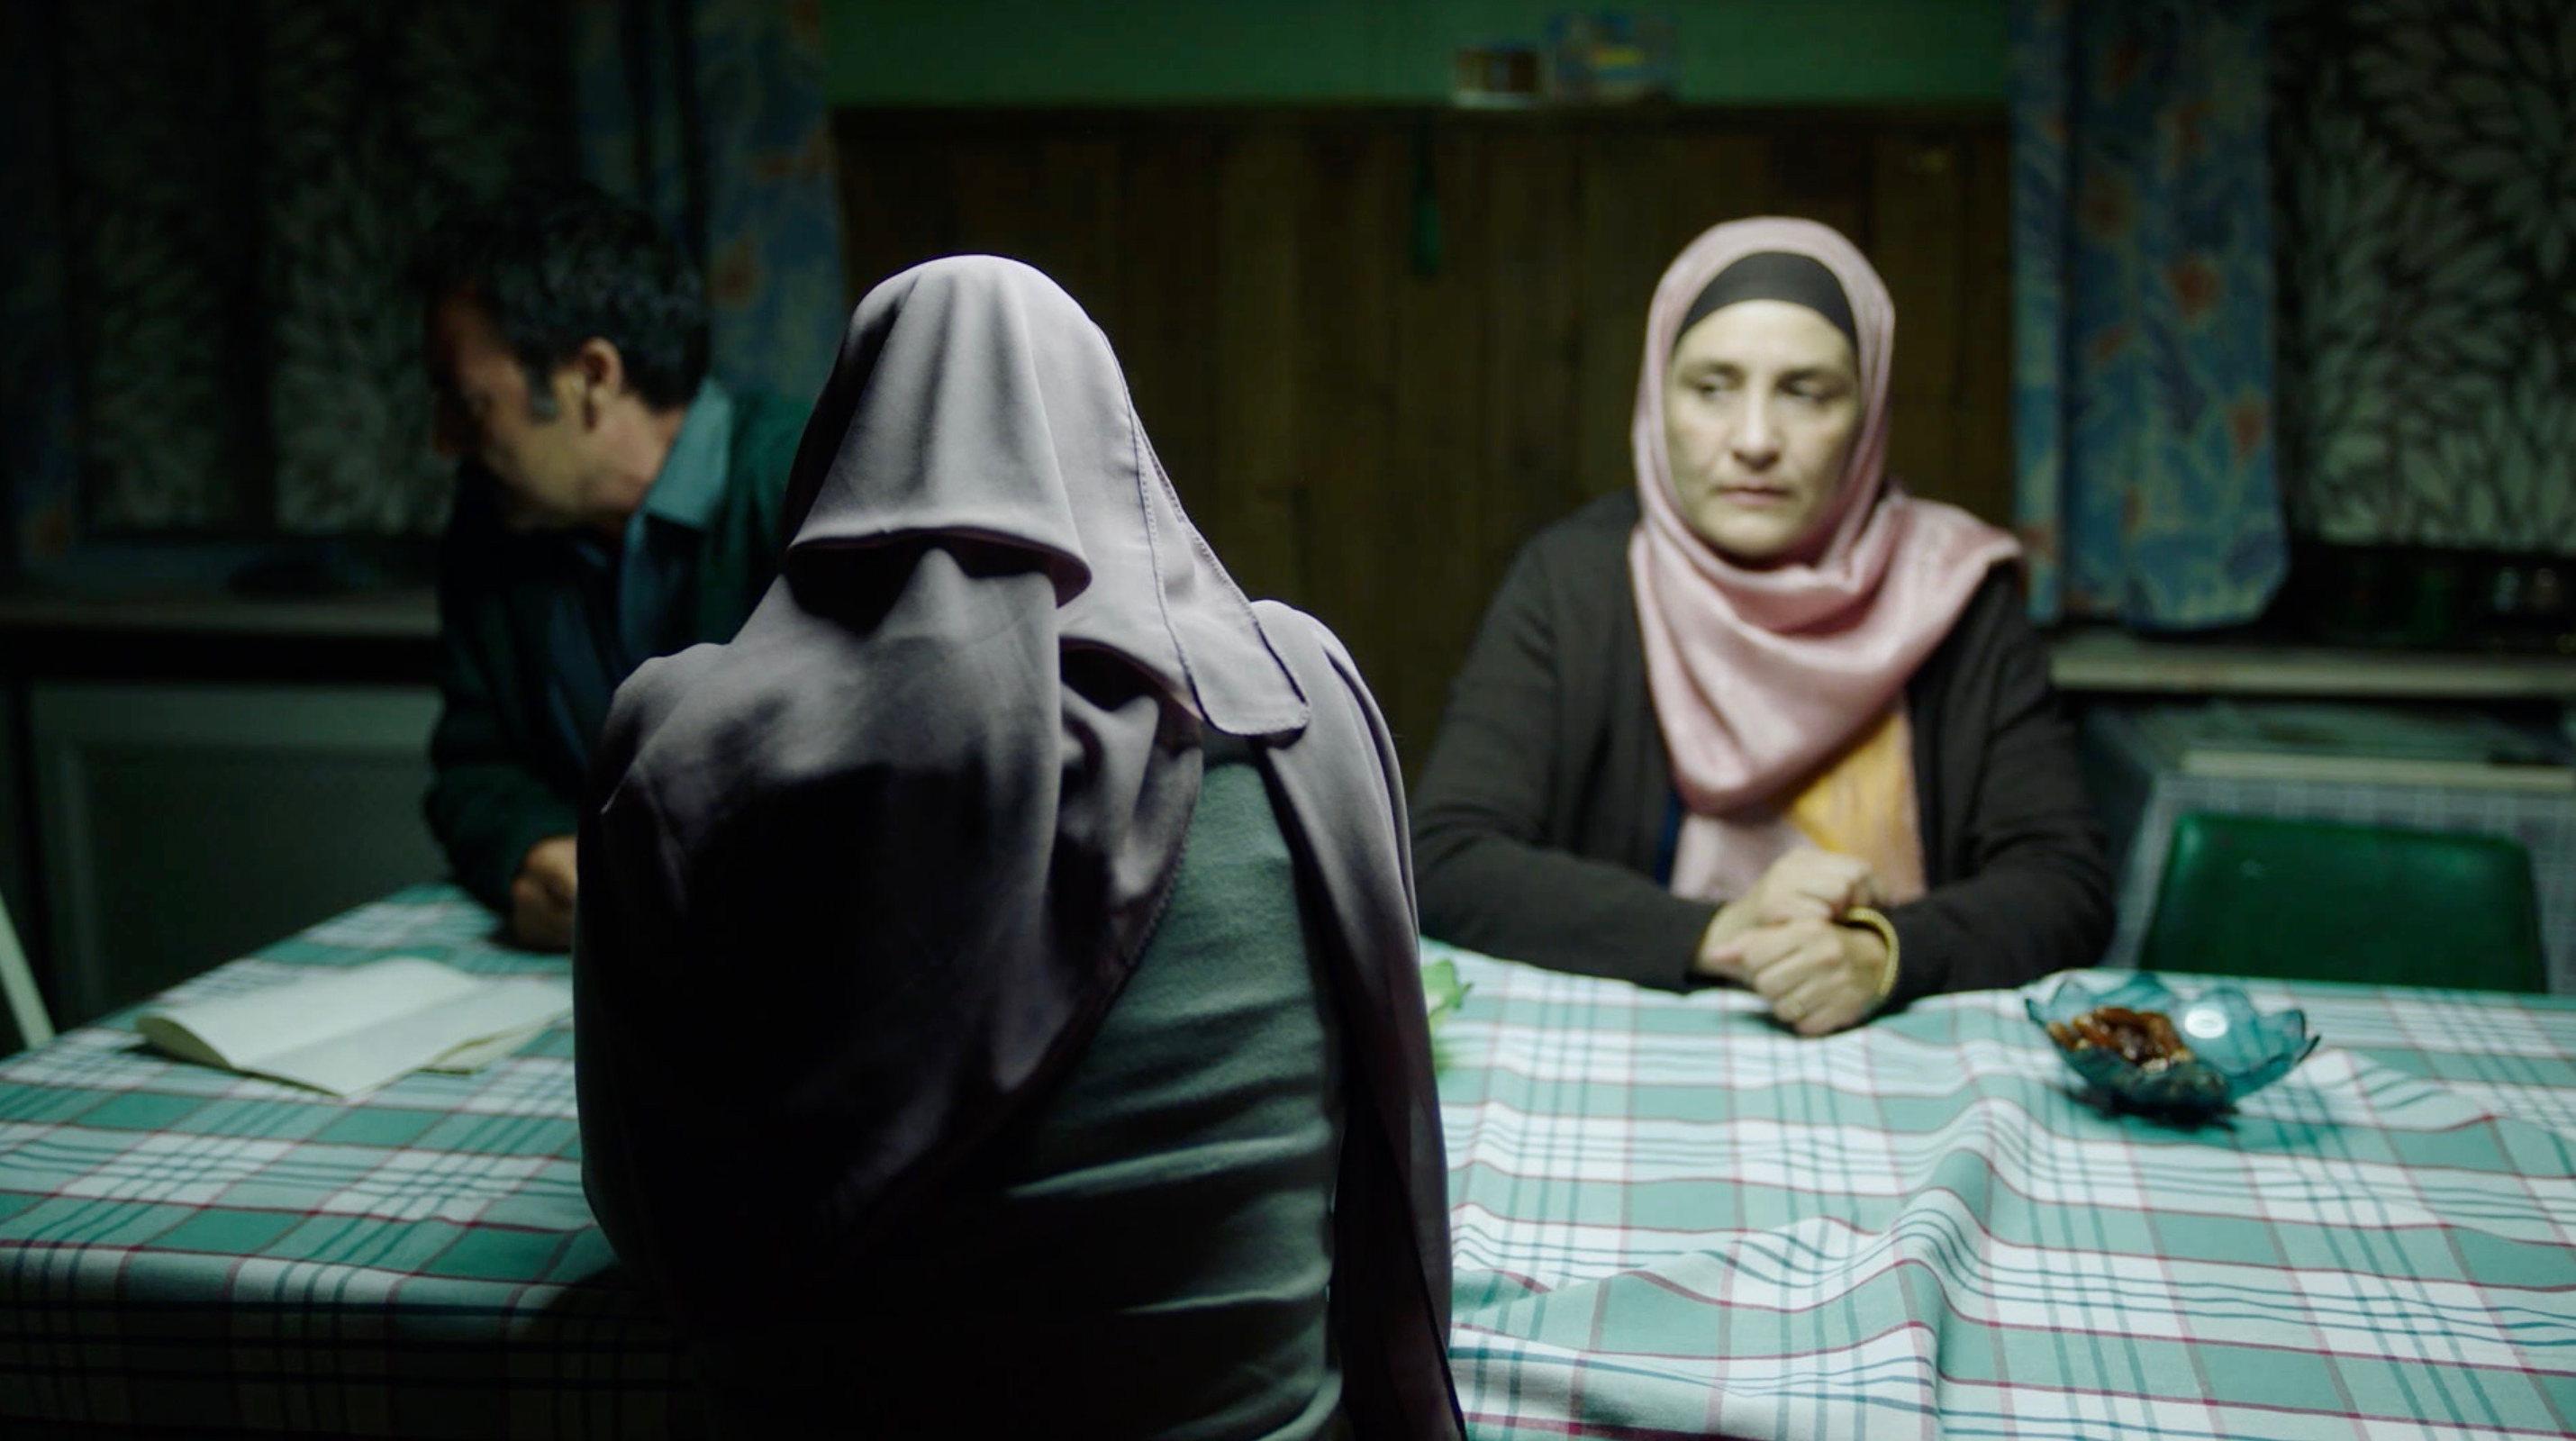 Nur eine Frau - A Regular Women - Aynur und Mutter Deniya (Meral Perin) und Vater Rohat (Mürtüz Yolcu) - Regie Sherry Hormann - Kamera Judith Kaufmann